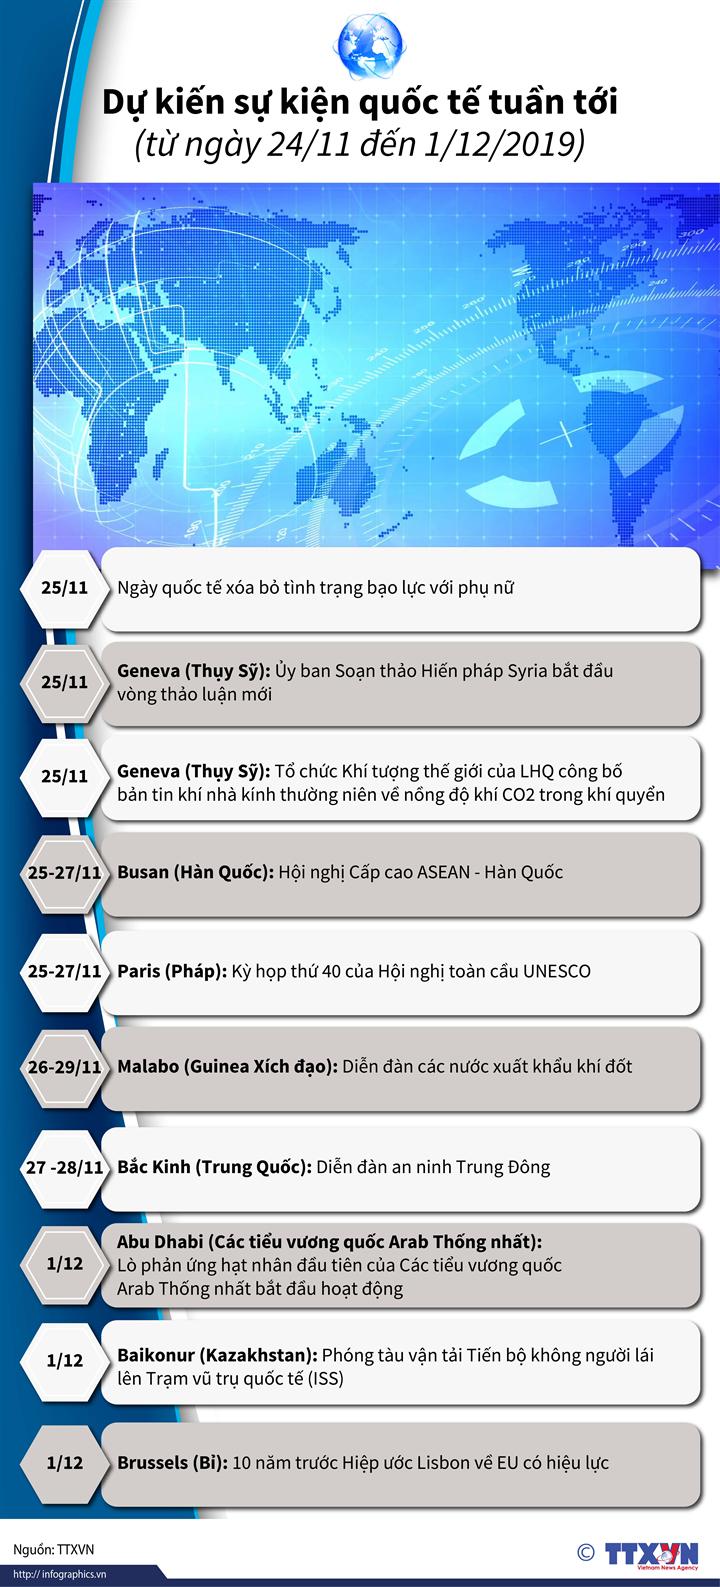 Dự kiến sự kiện quốc tế tuần tới  (từ ngày 24/11 đến 1/12/2019)